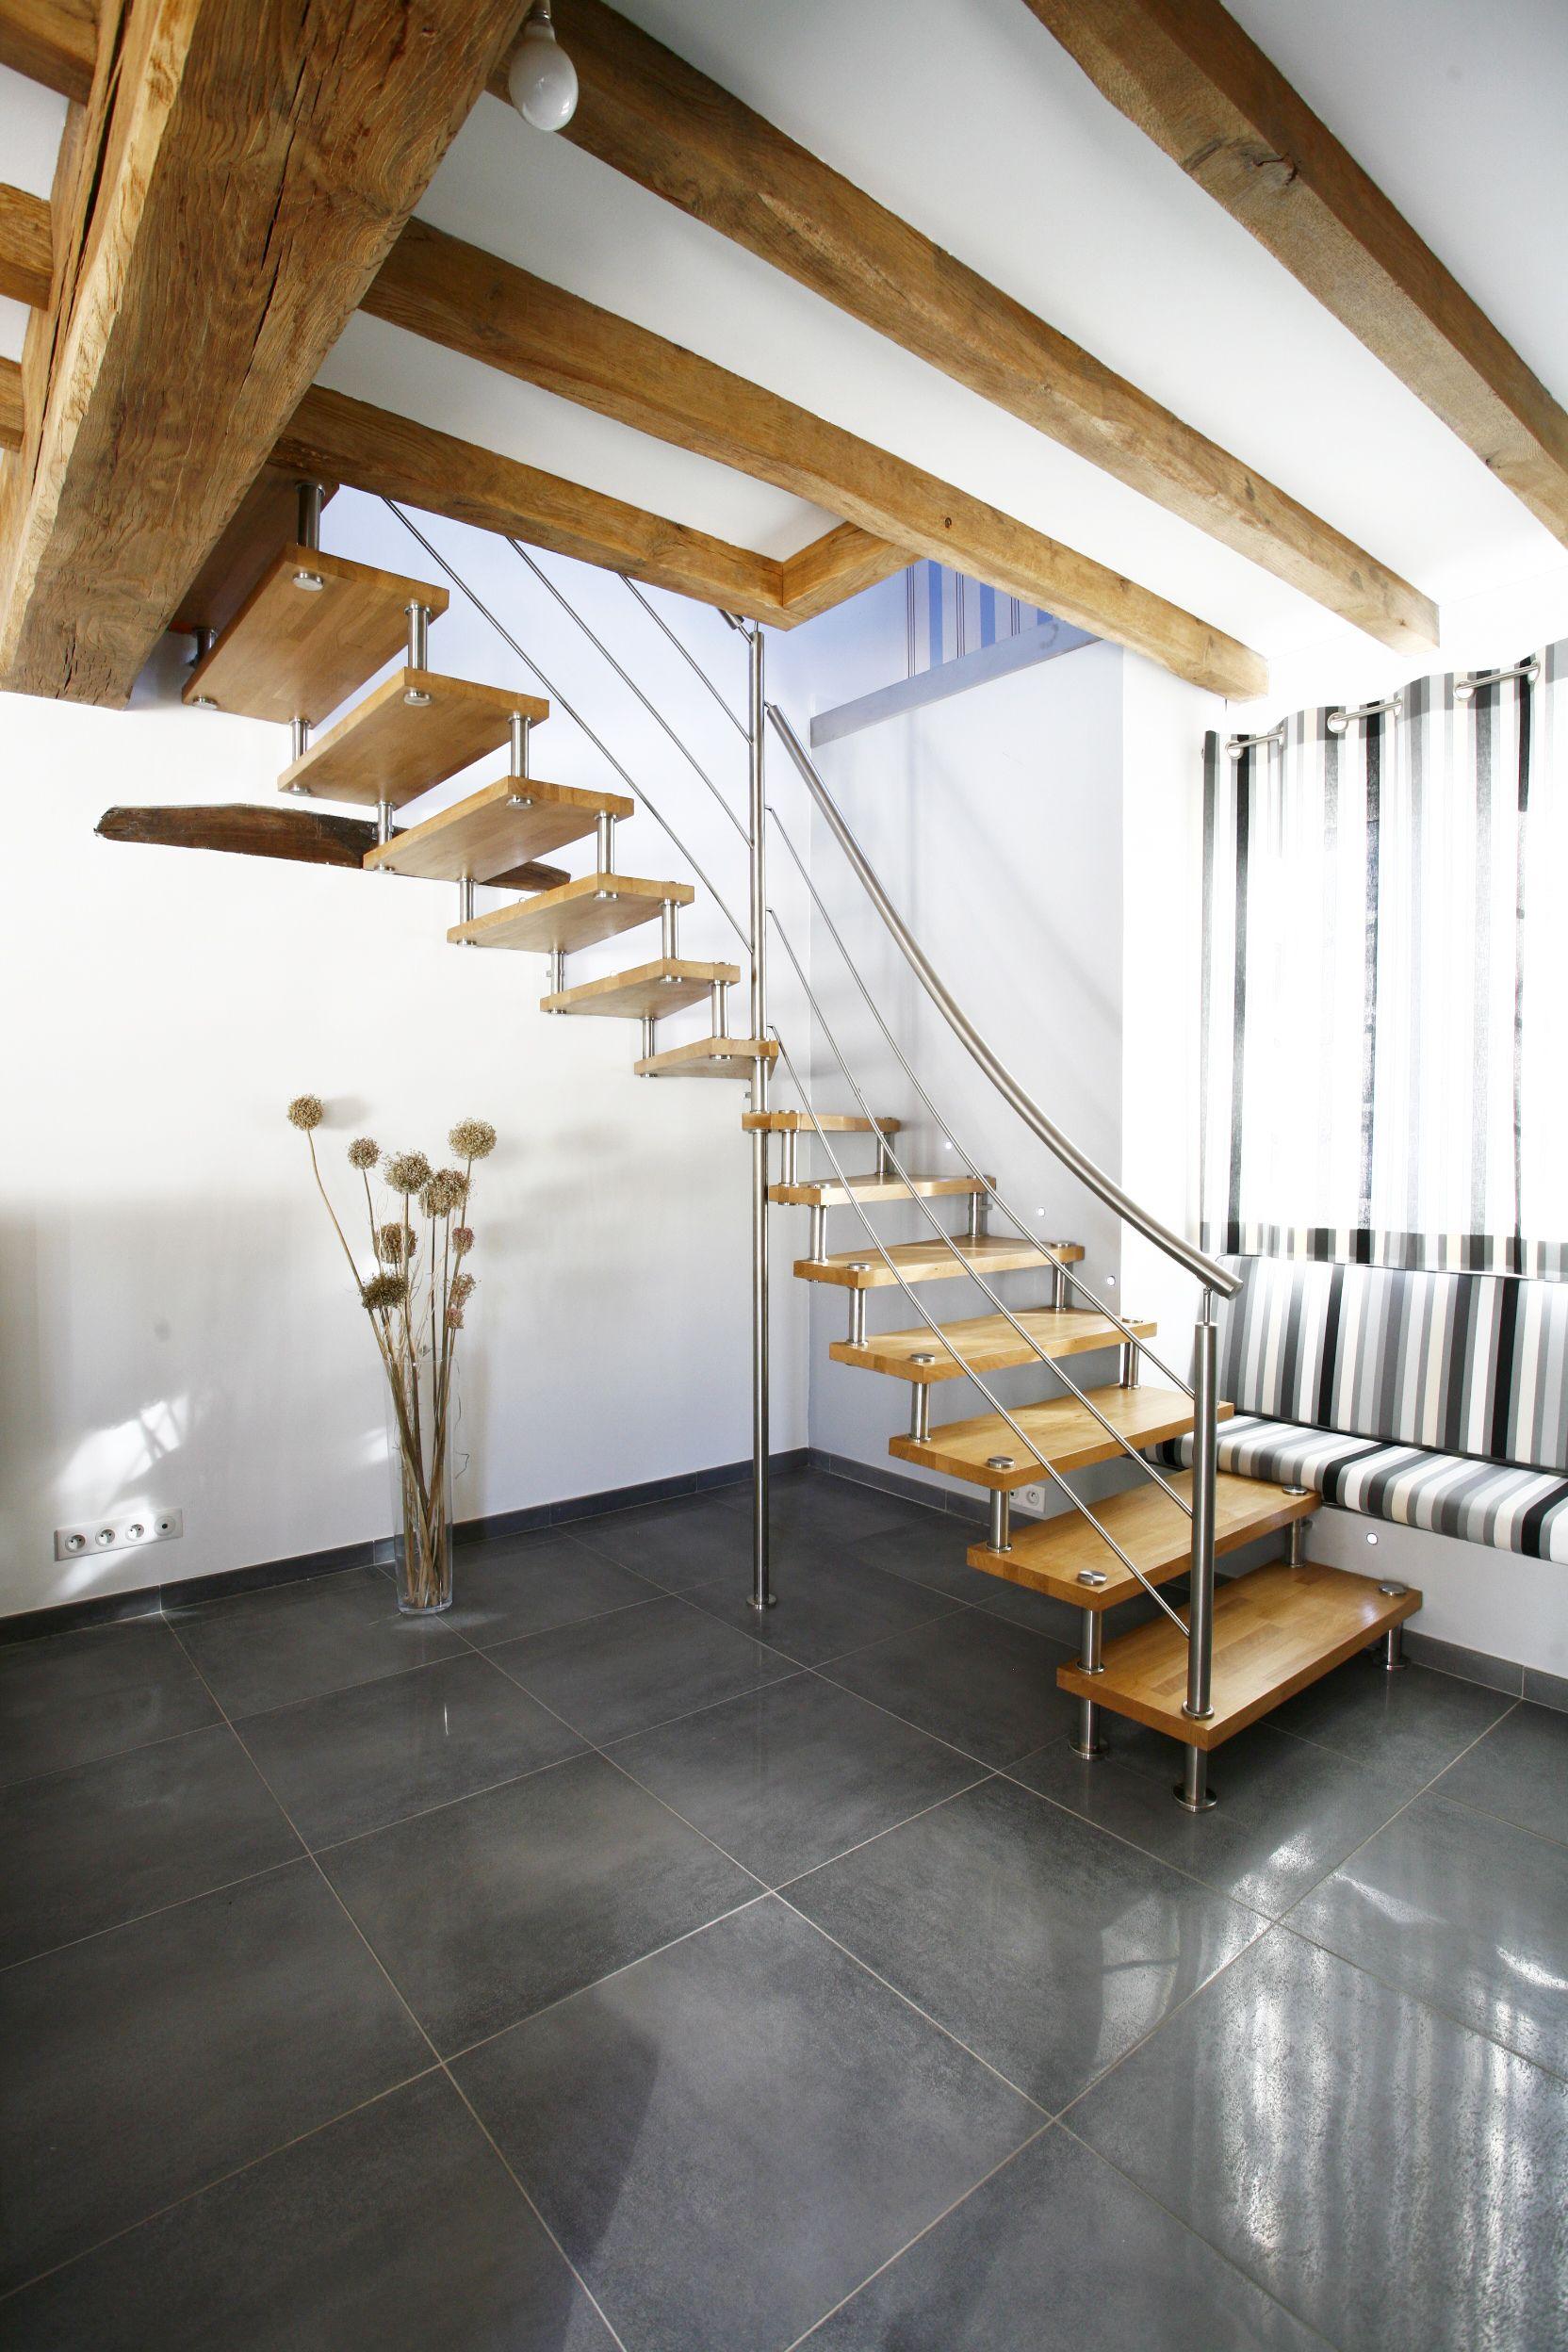 escalier un quart tournant avec limon en inox et marches bois escalier tr s a rien qui s. Black Bedroom Furniture Sets. Home Design Ideas